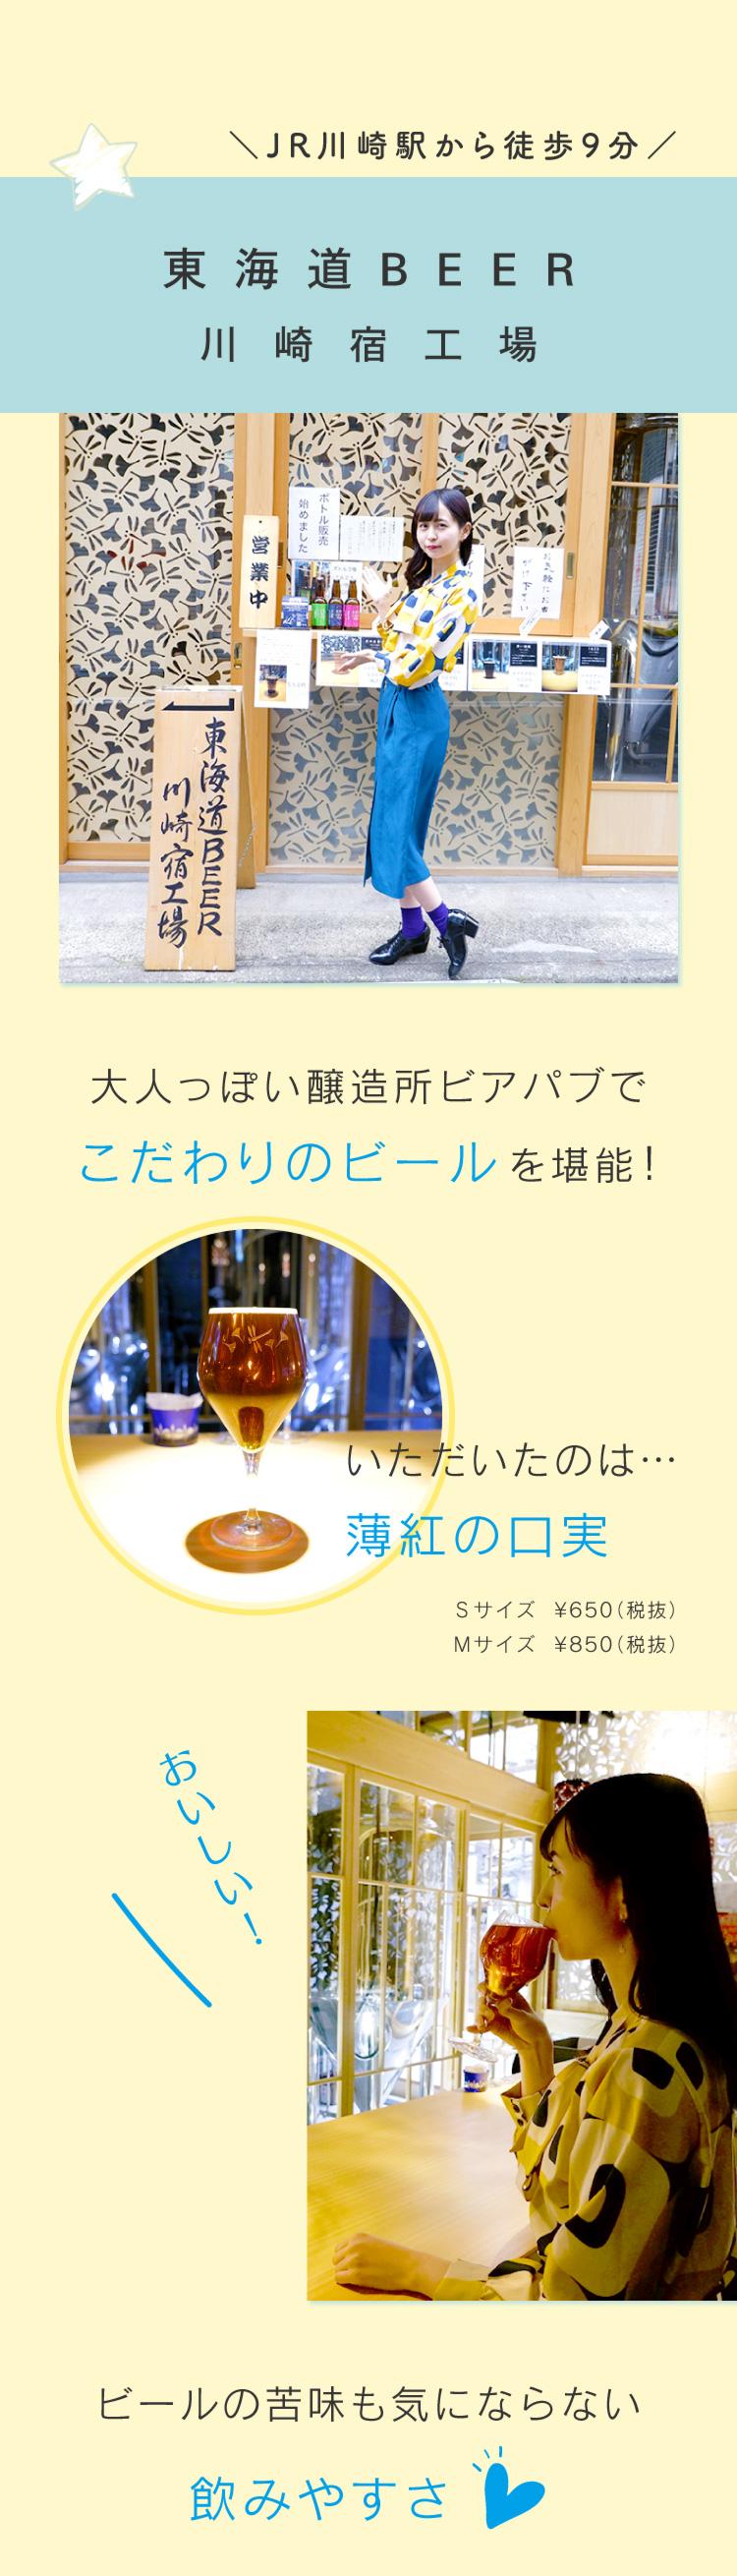 東海道BEER川崎宿工場 大人っぽい醸造所ビアパブでこだわりのビールを堪能♪薄紅の口実は飲みやすい!